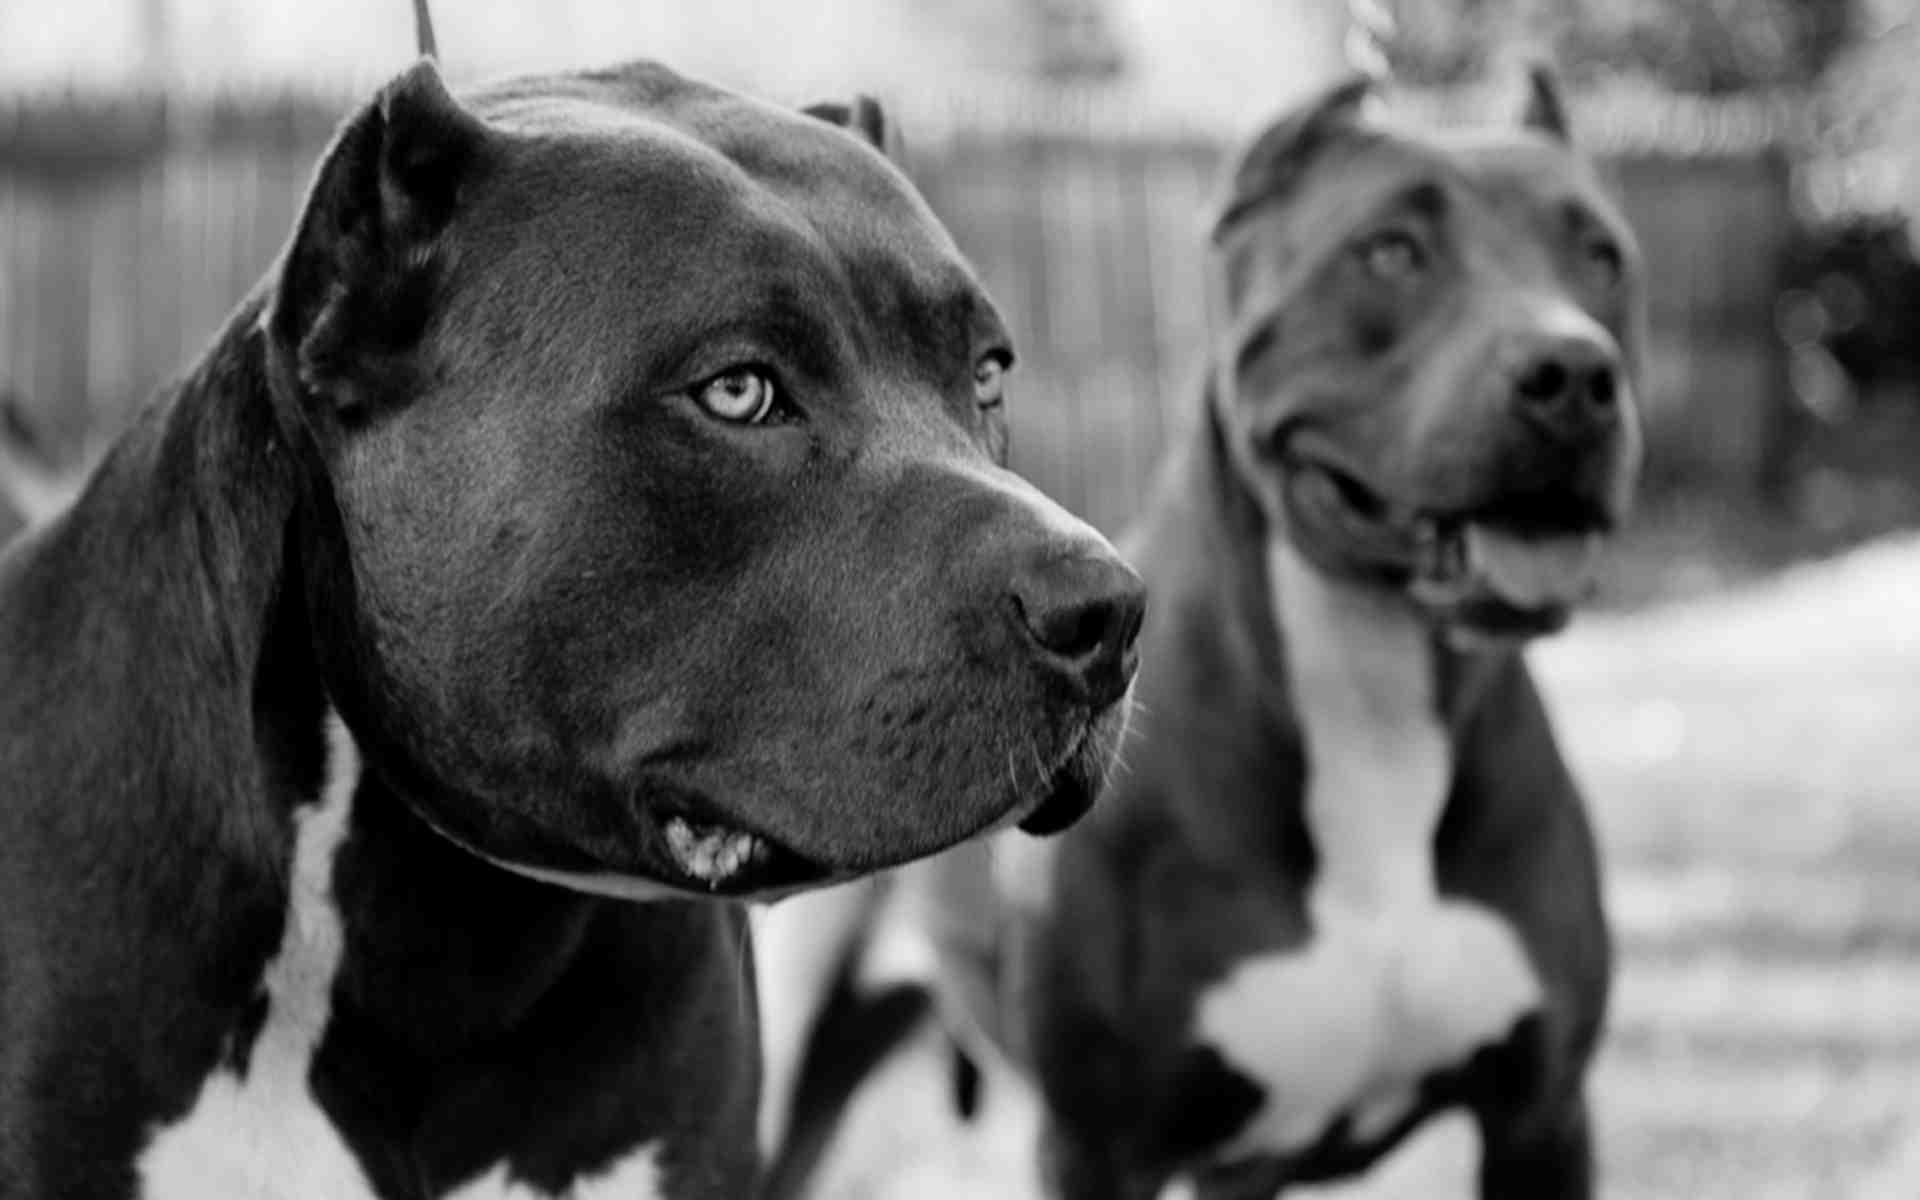 бойцовые собаки обои на рабочий стол № 538574 бесплатно